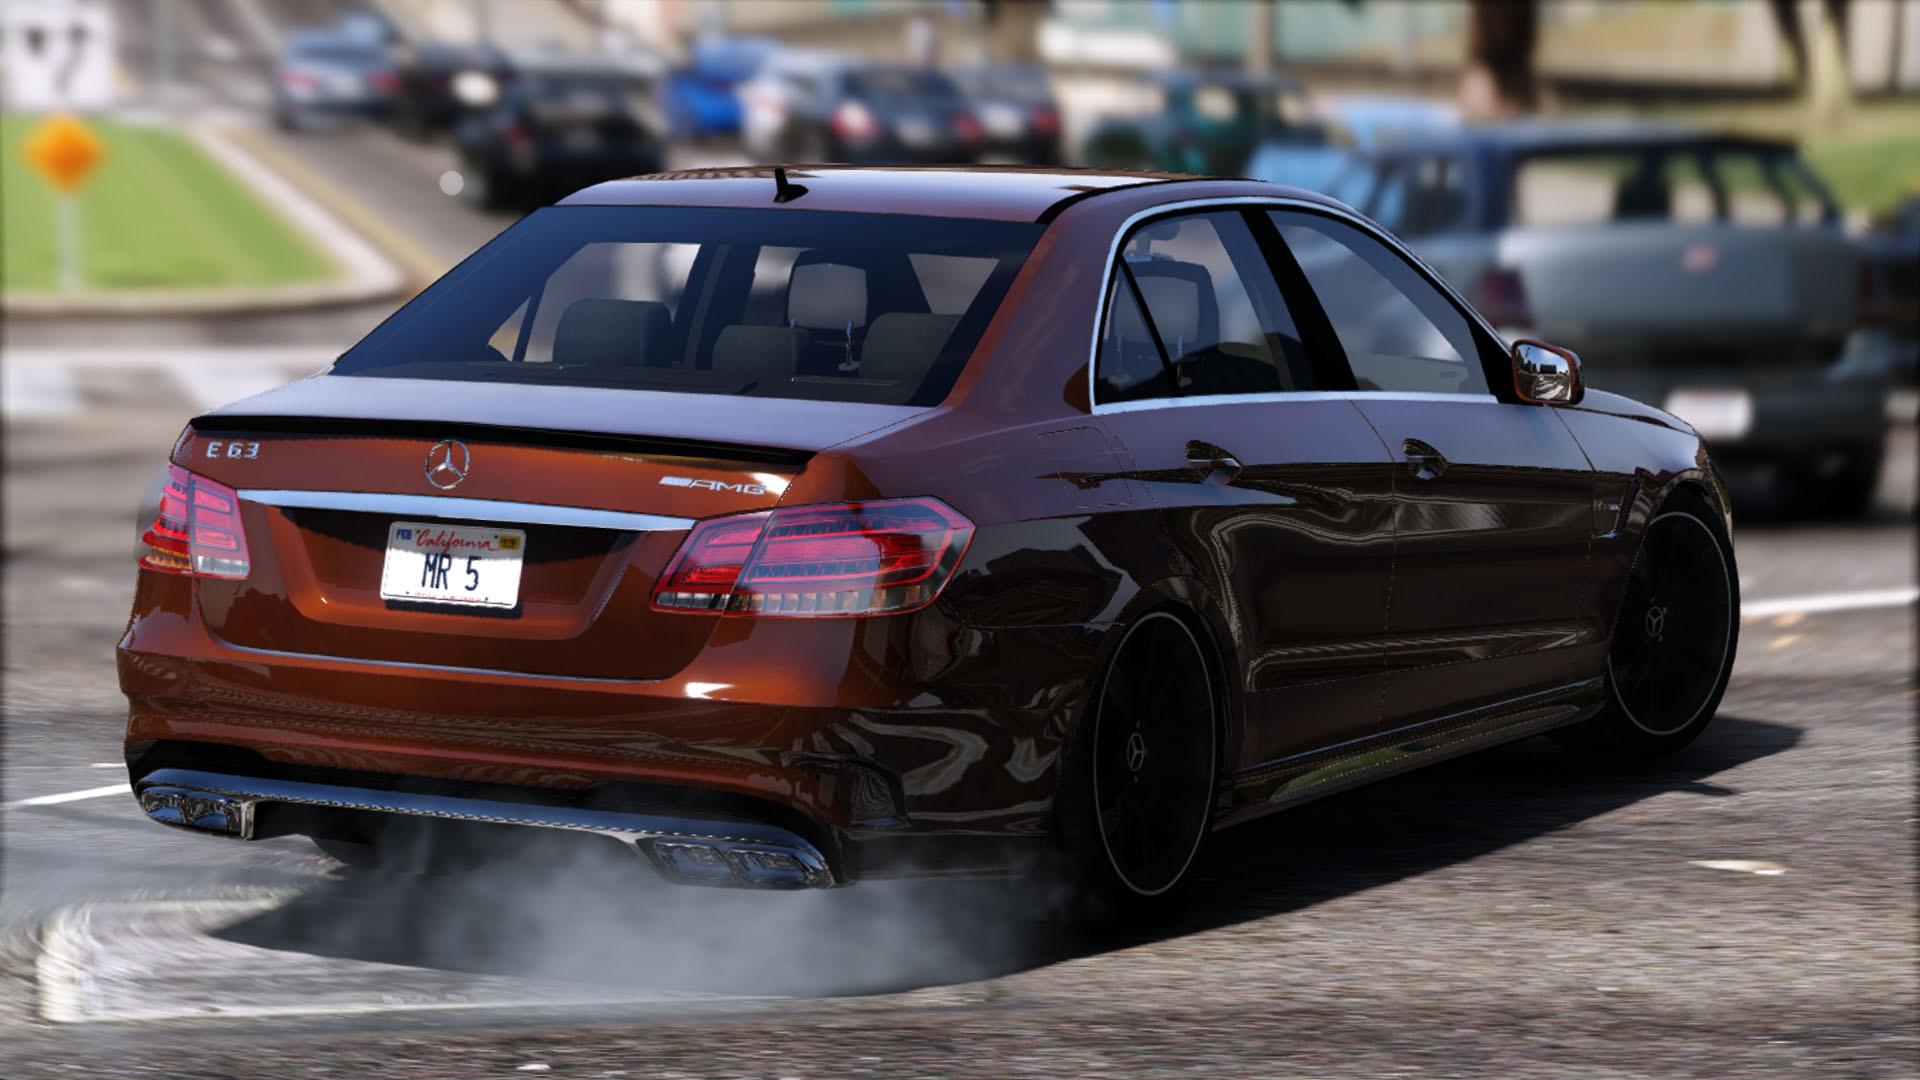 Mercedes Benz E63 AMG [Add Replace] GTA5 Mods